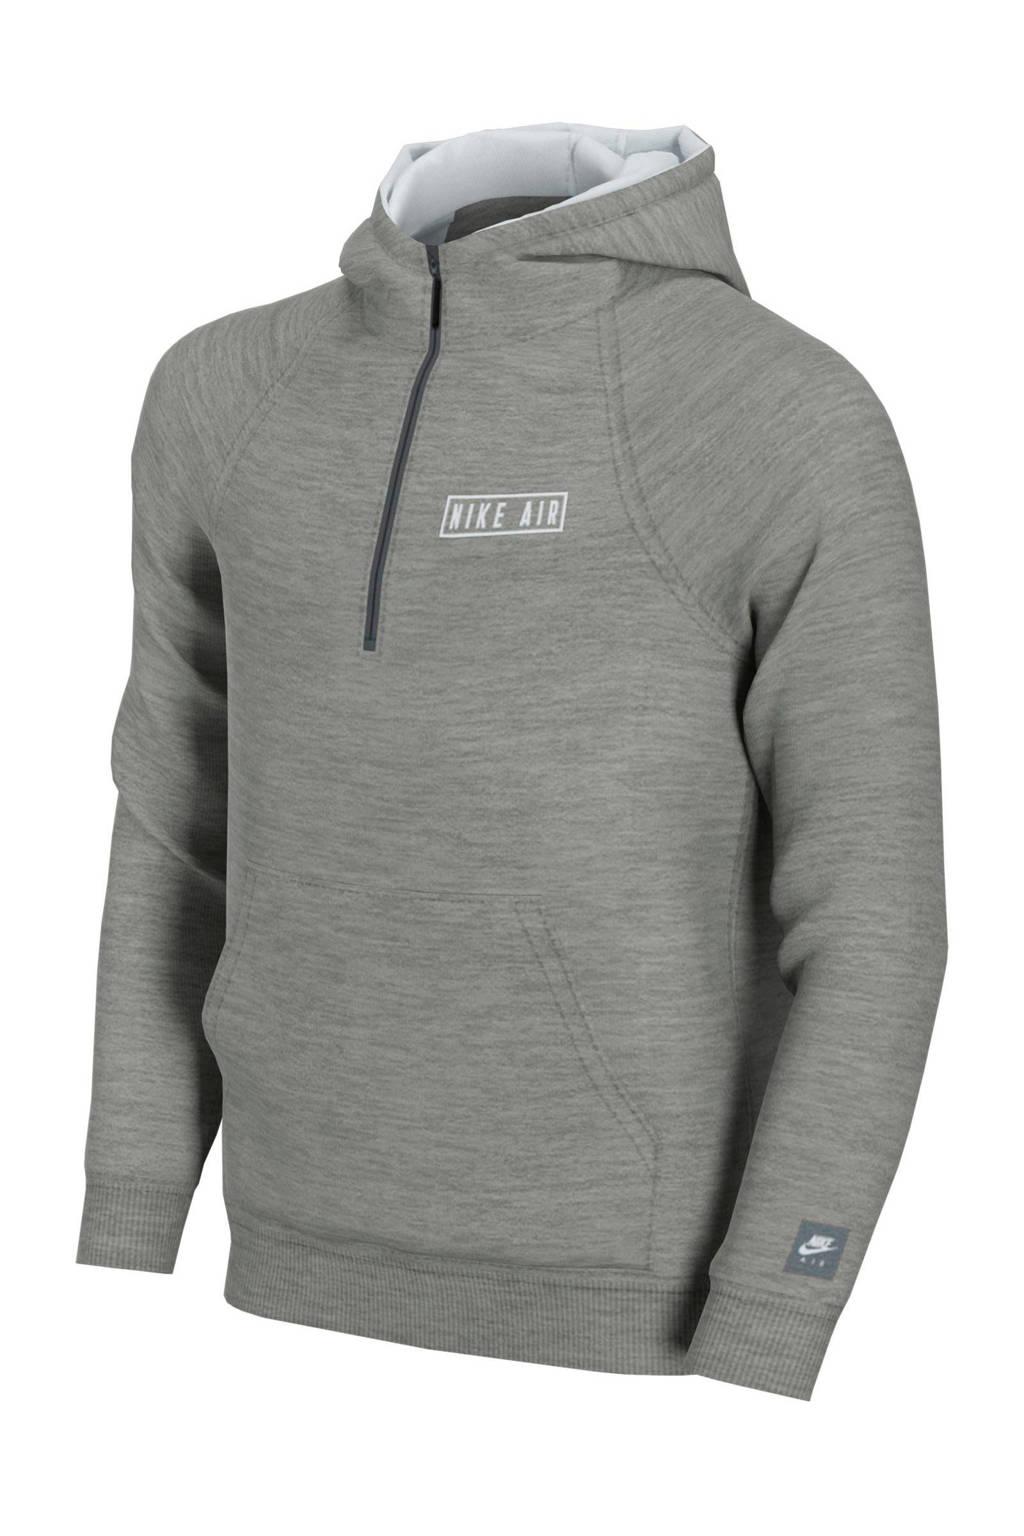 Nike   Air hoodie grijs, Grijs